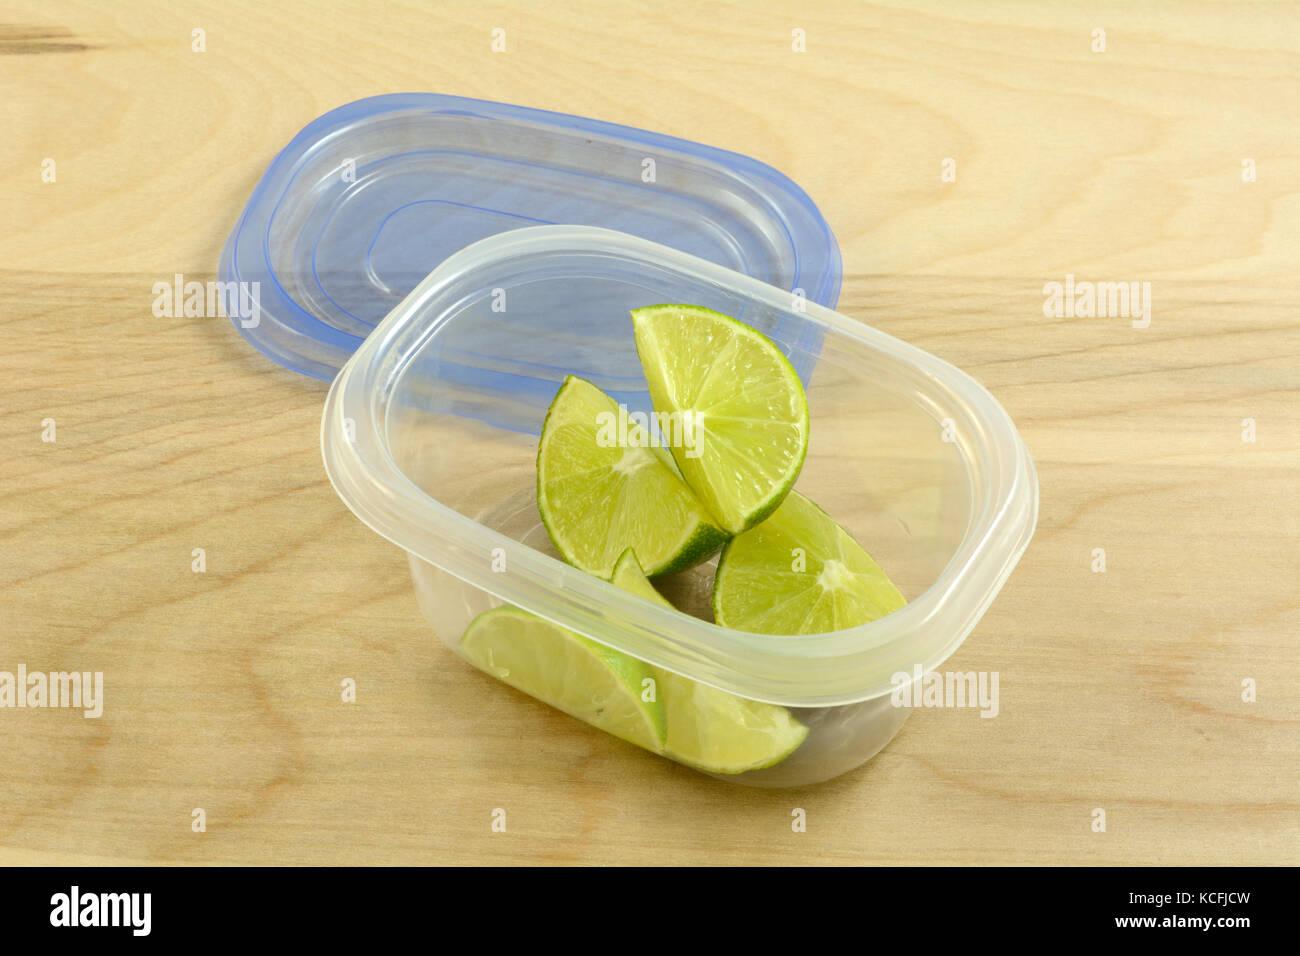 Preparare in anticipo per party con bevande o cena mettendo spicchi di lime in contenitore in plastica Immagini Stock